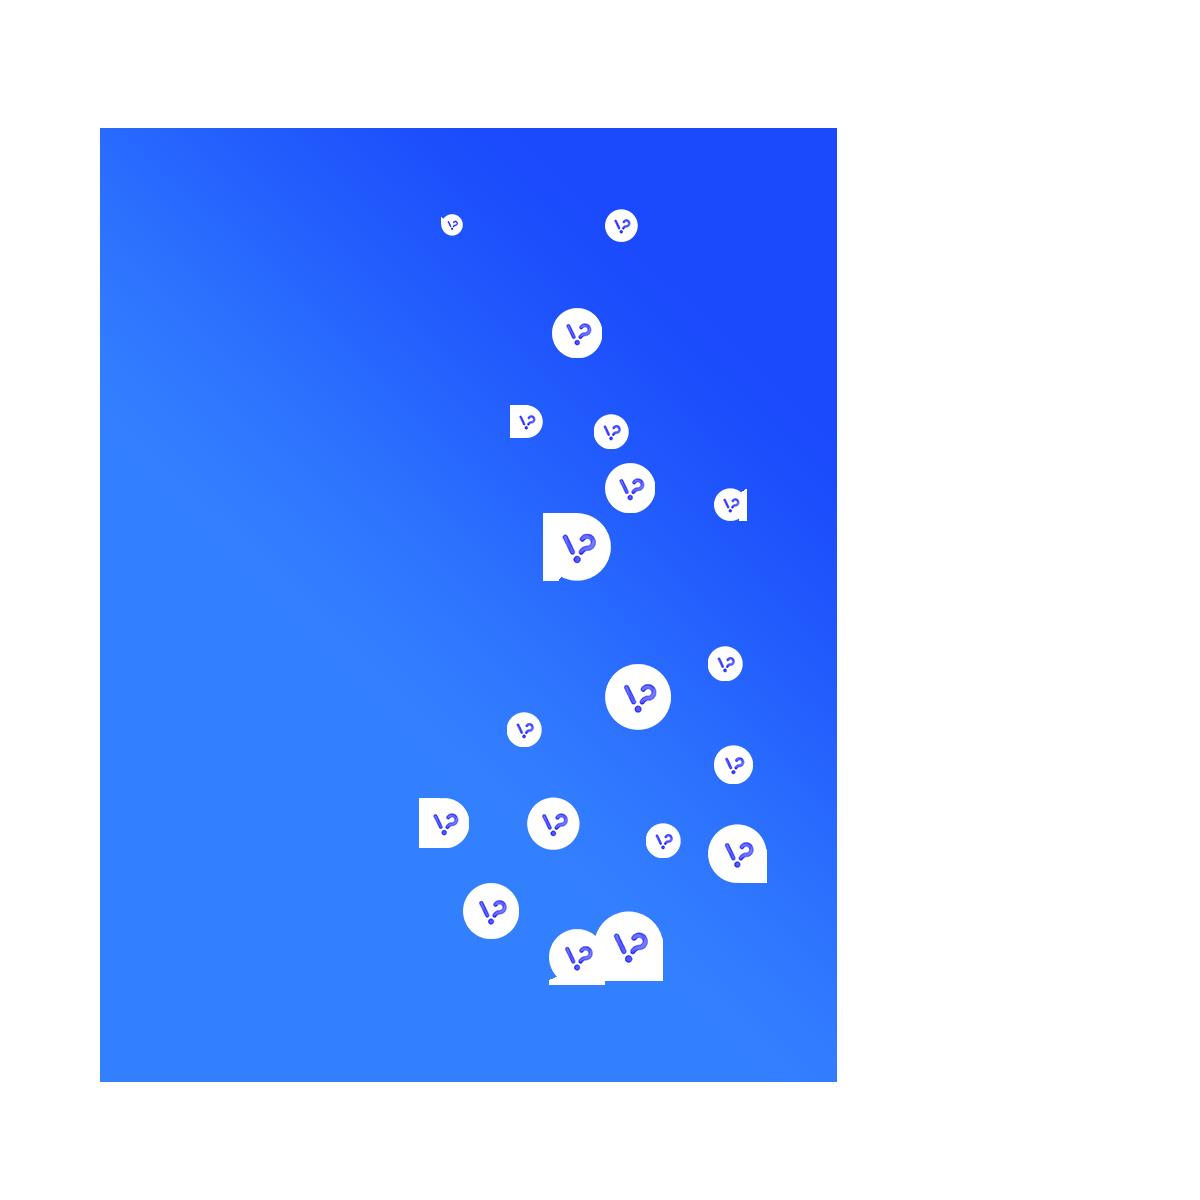 Livevisa visapaikat ympäri suomen